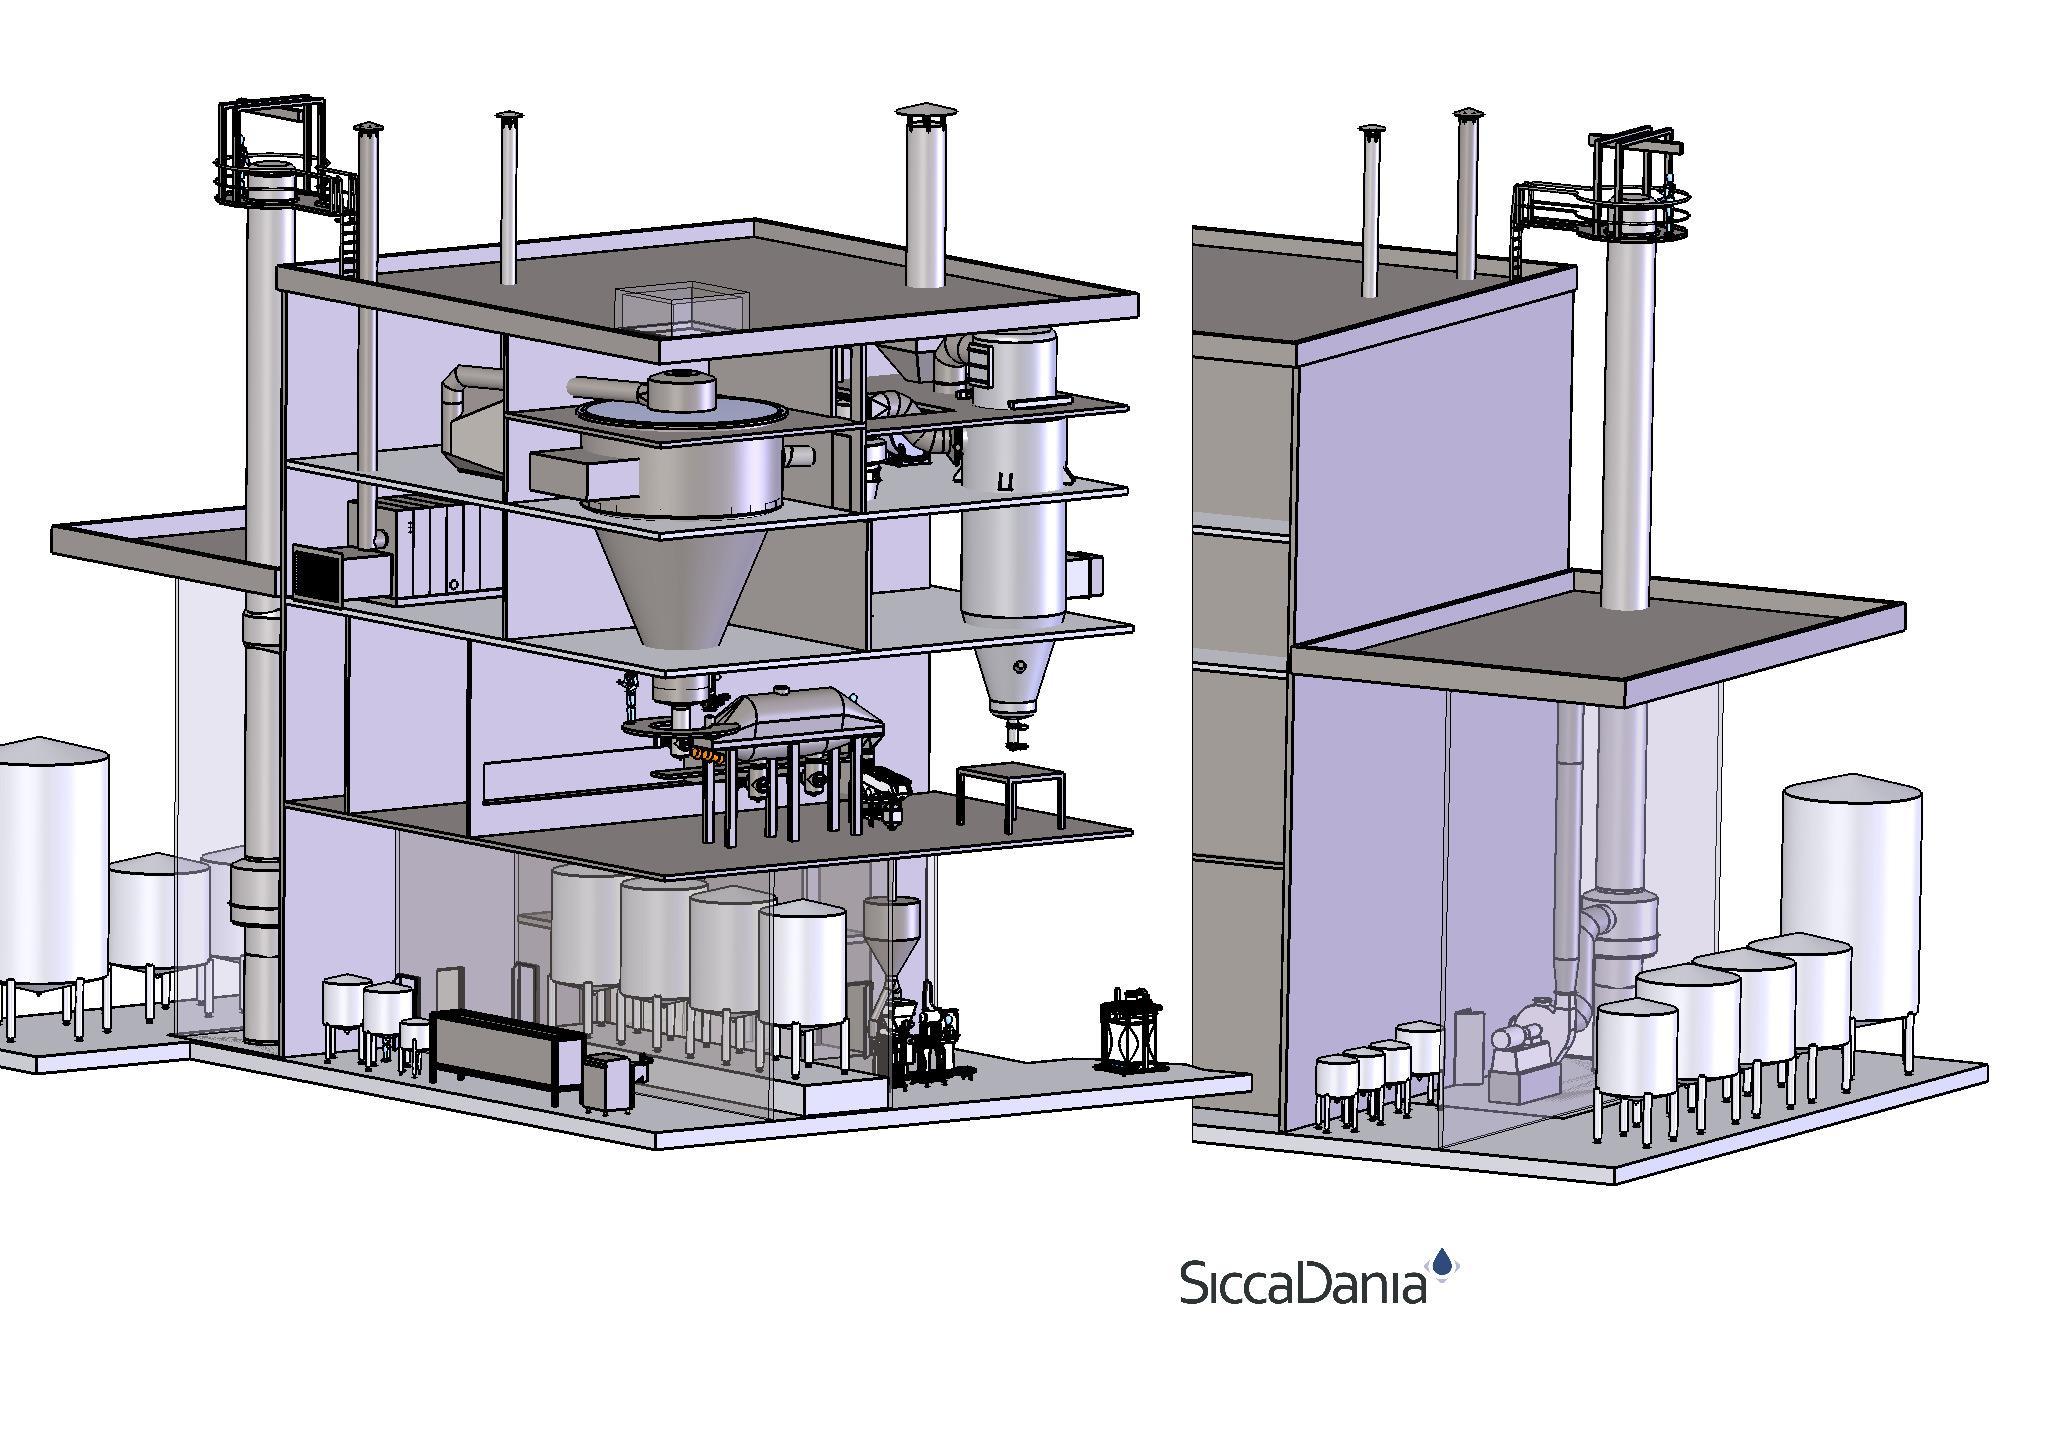 SiccaDania-001